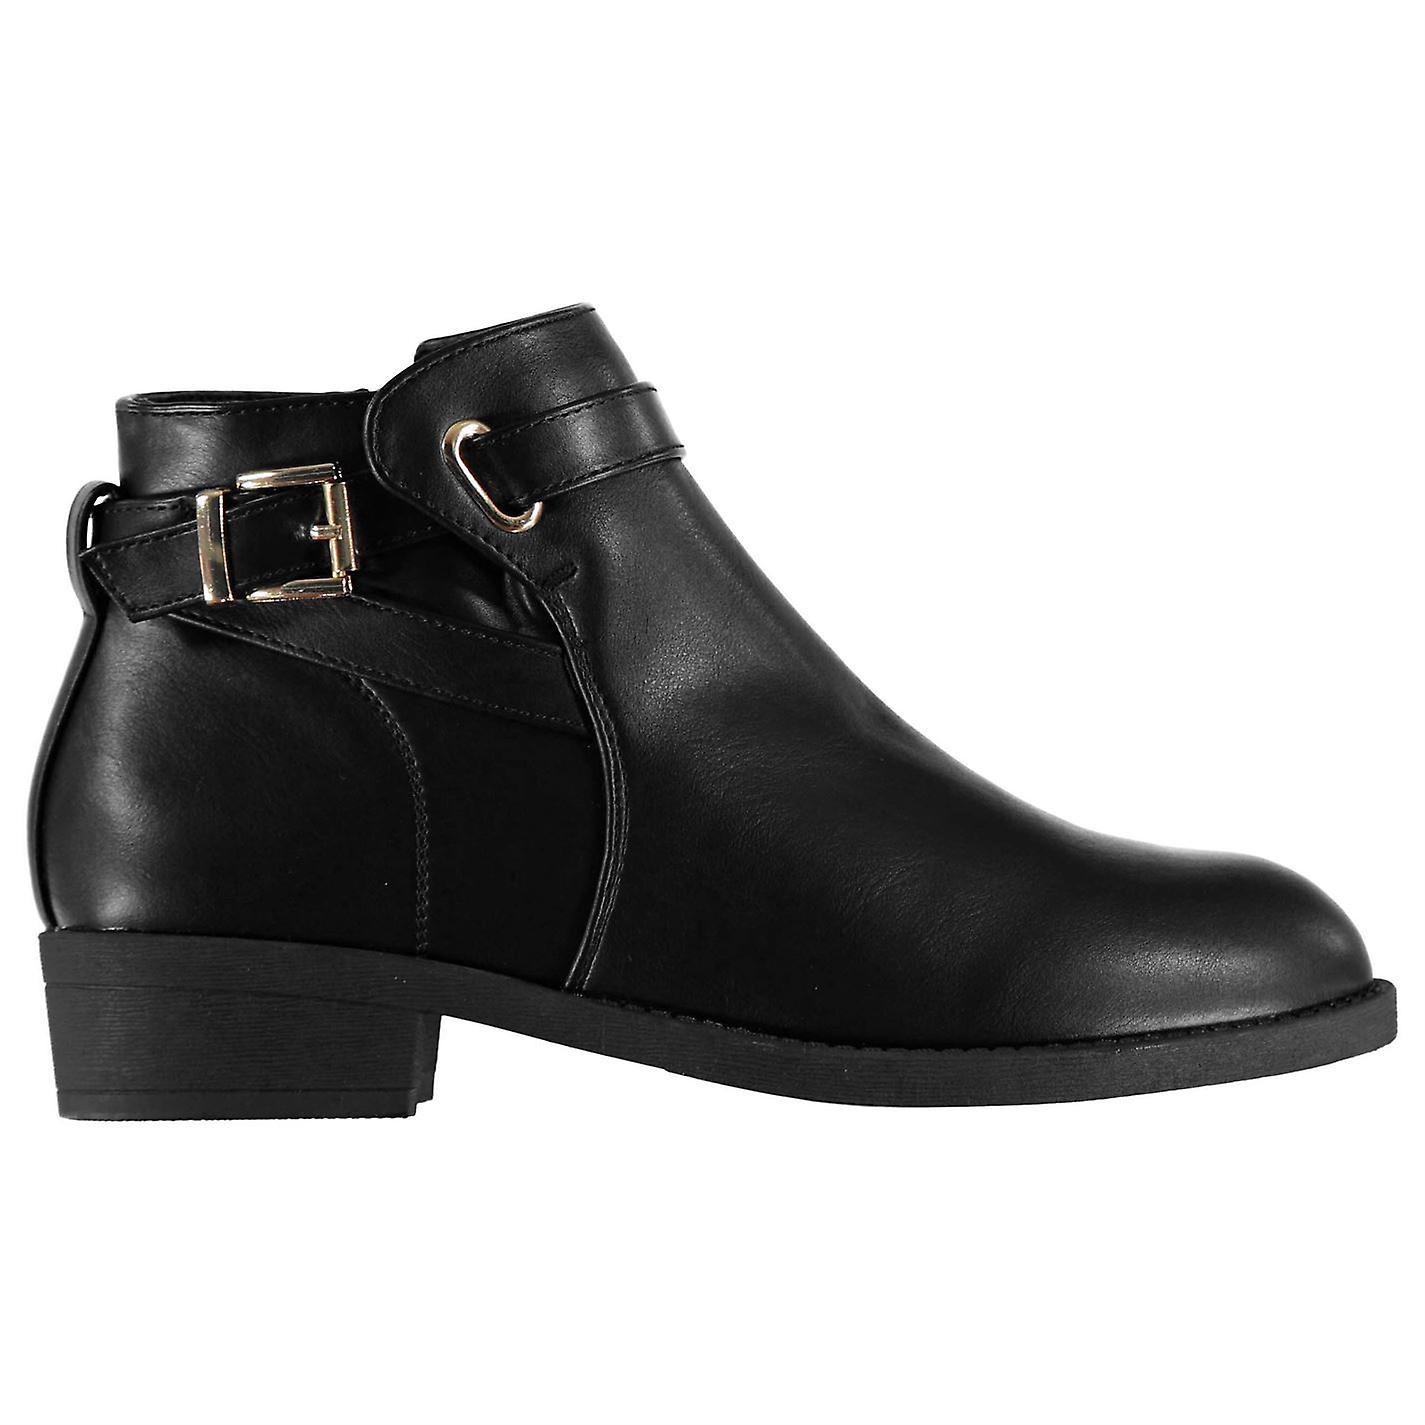 Miso klamra damskie buty płaskie kostki Zip niewielkie pięty paskiem dorywczo wygodne dopasowanie UHIHm